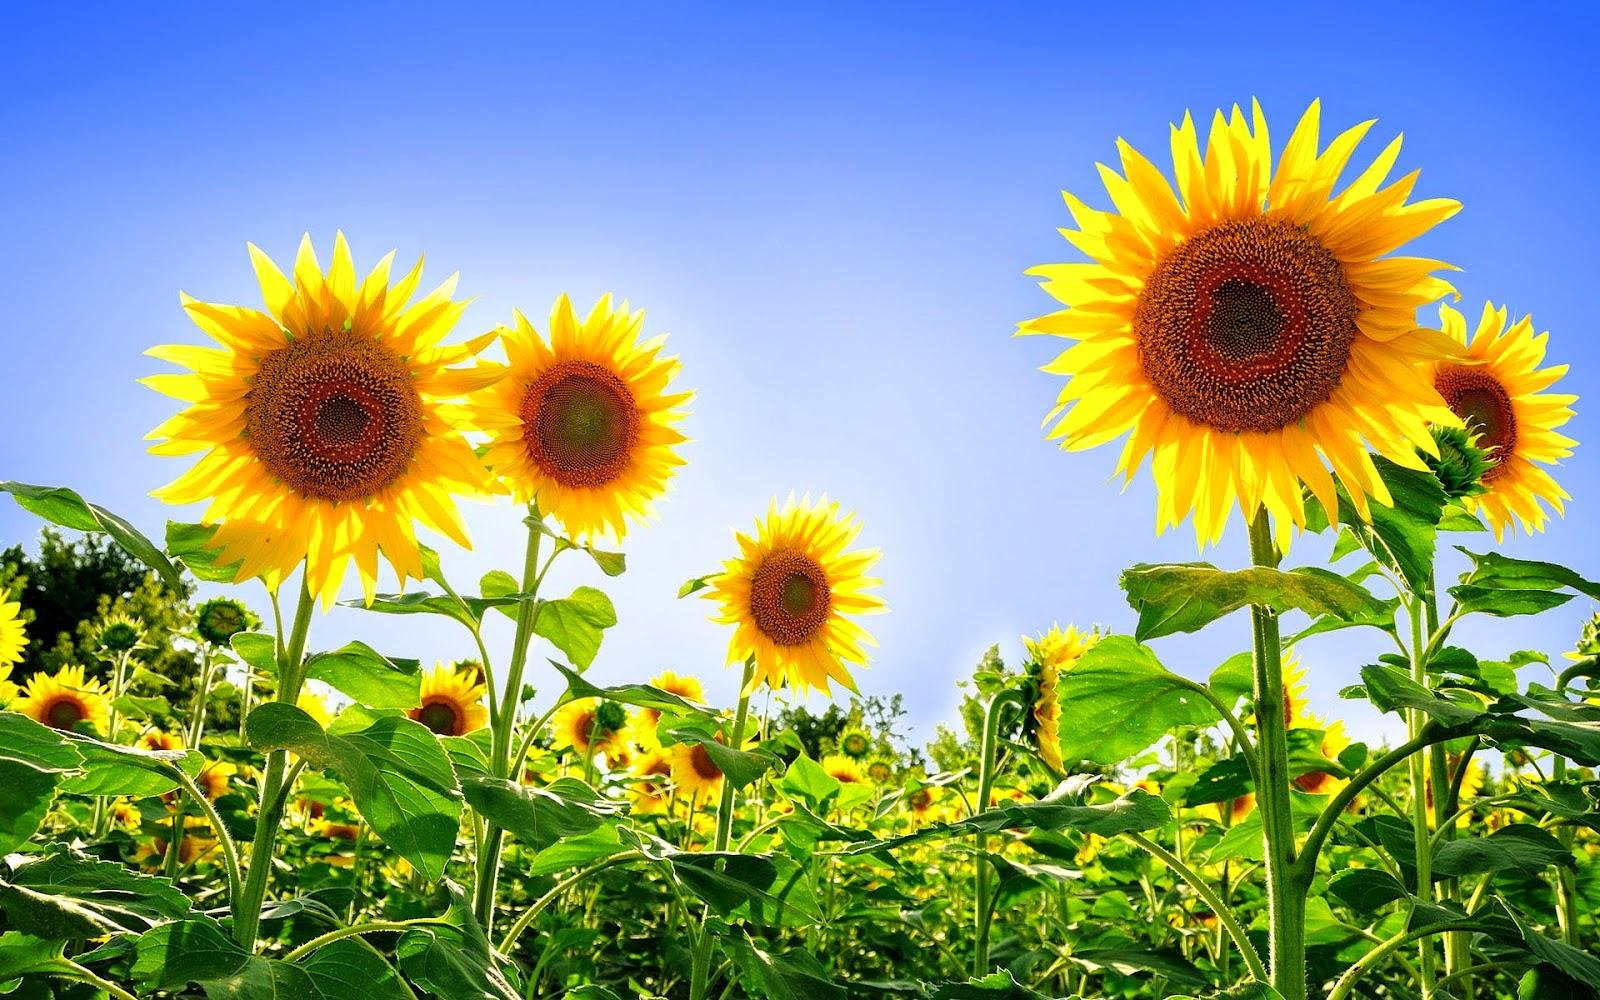 Gambar Bunga Warna Kuning  Toko FD Flashdisk Flashdrive